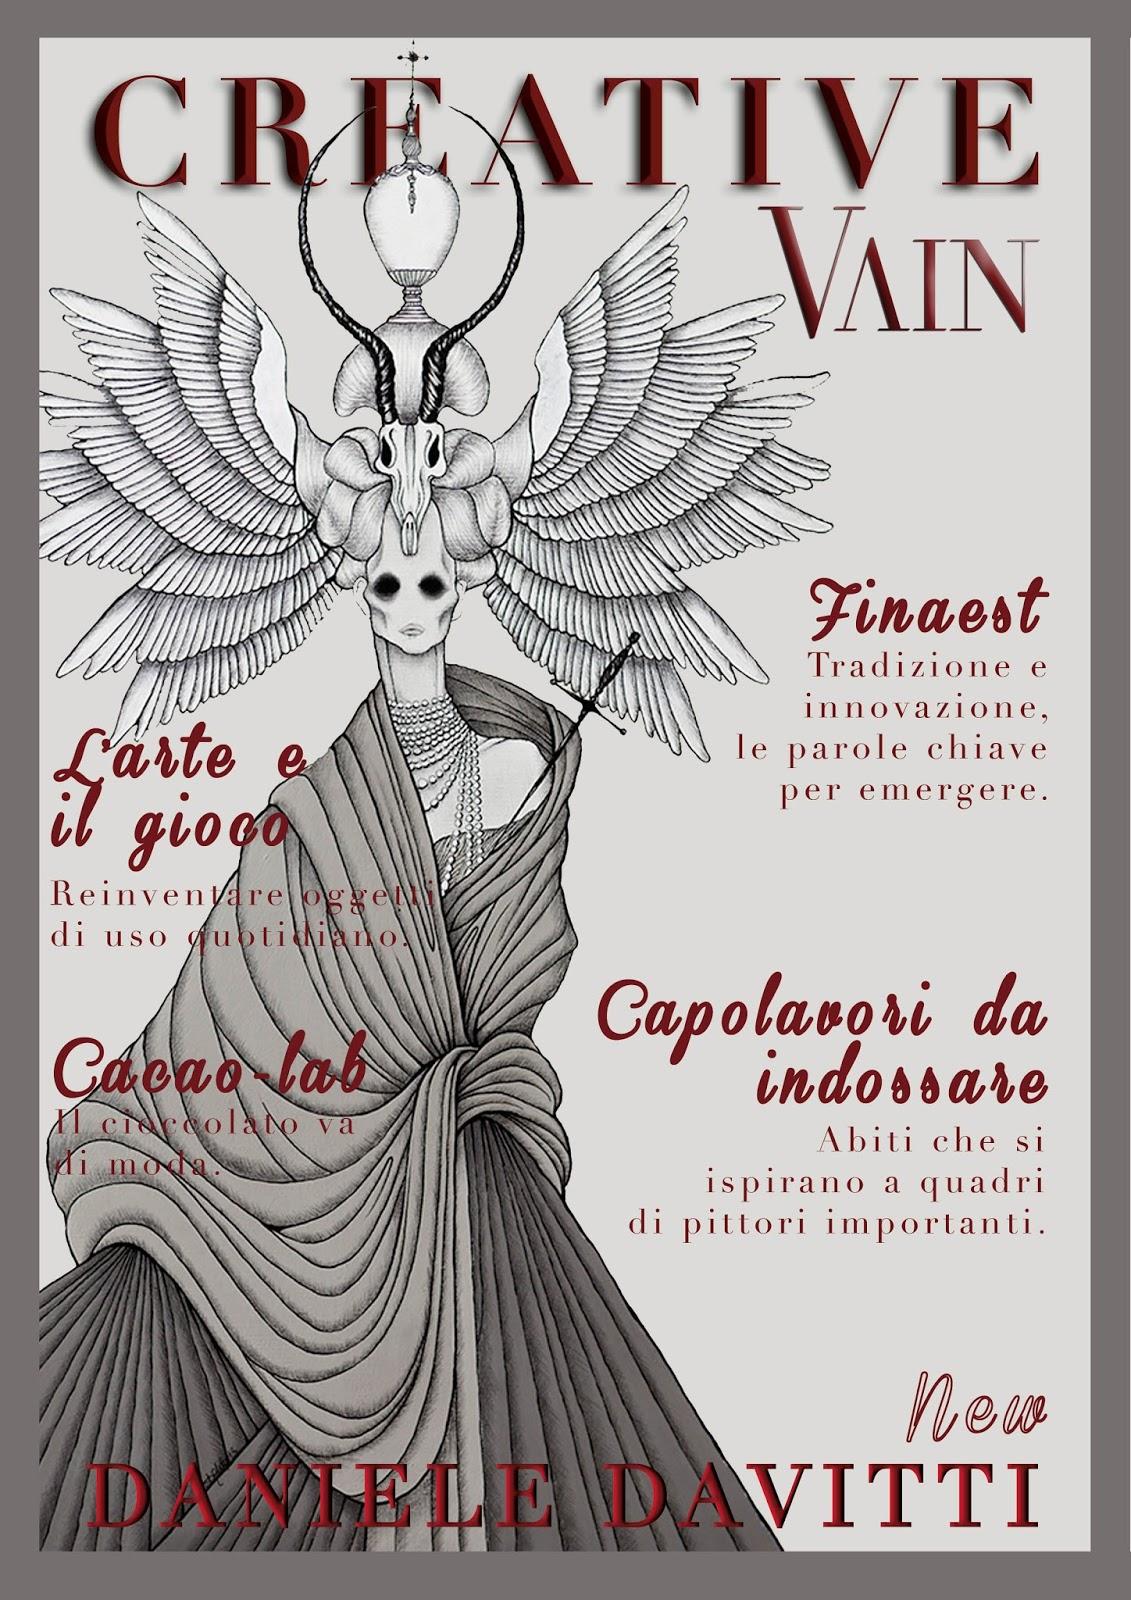 http://issuu.com/vainmagazines/docs/creative_marzo_ita/49?e=11043344/6928047